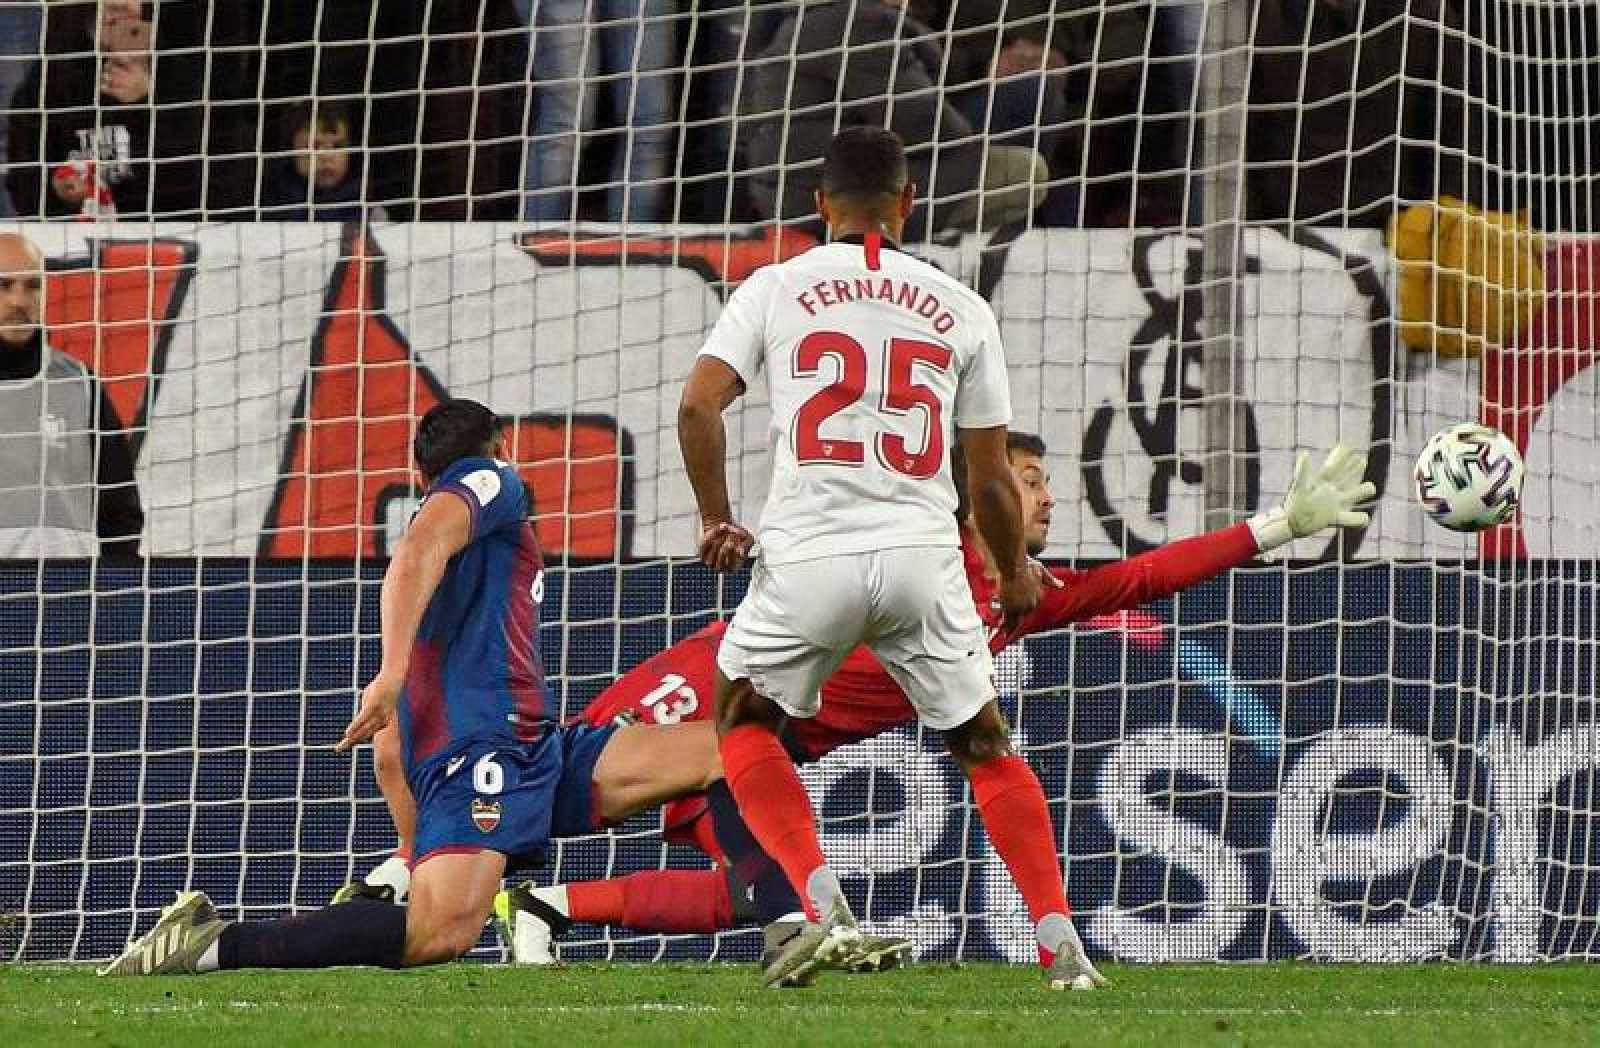 El delantero del Sevilla Fernando Reges (c) marca el primer gol de su equipo ante el Levante